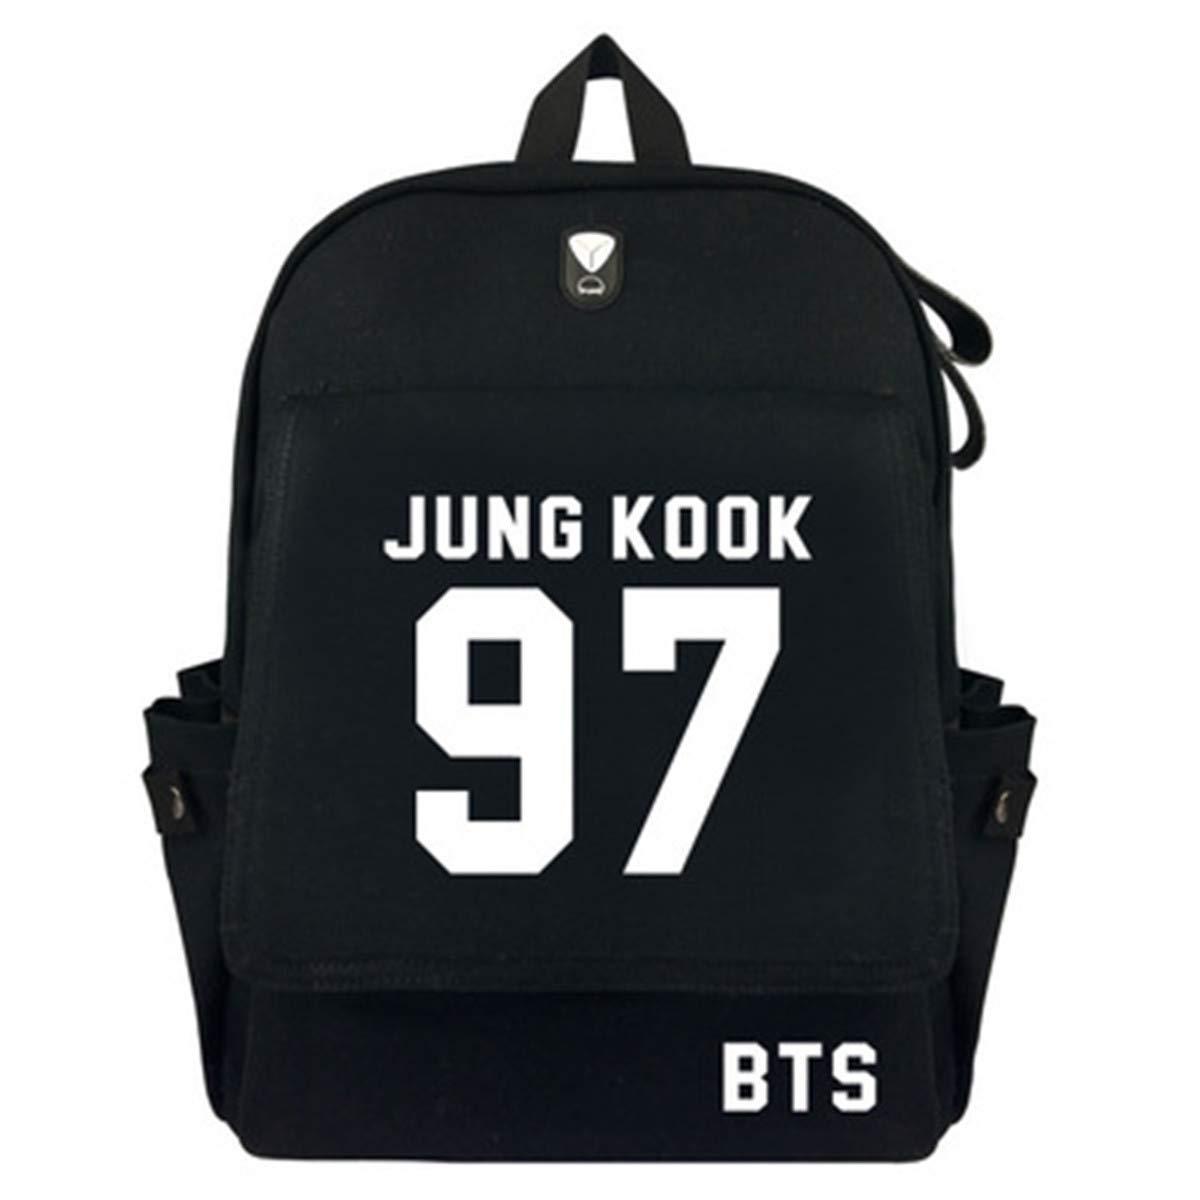 BeautyWJY Kpop BTS Backpack Korean Daypack Casual Laptop School Bag College Bag Book Bag 7#